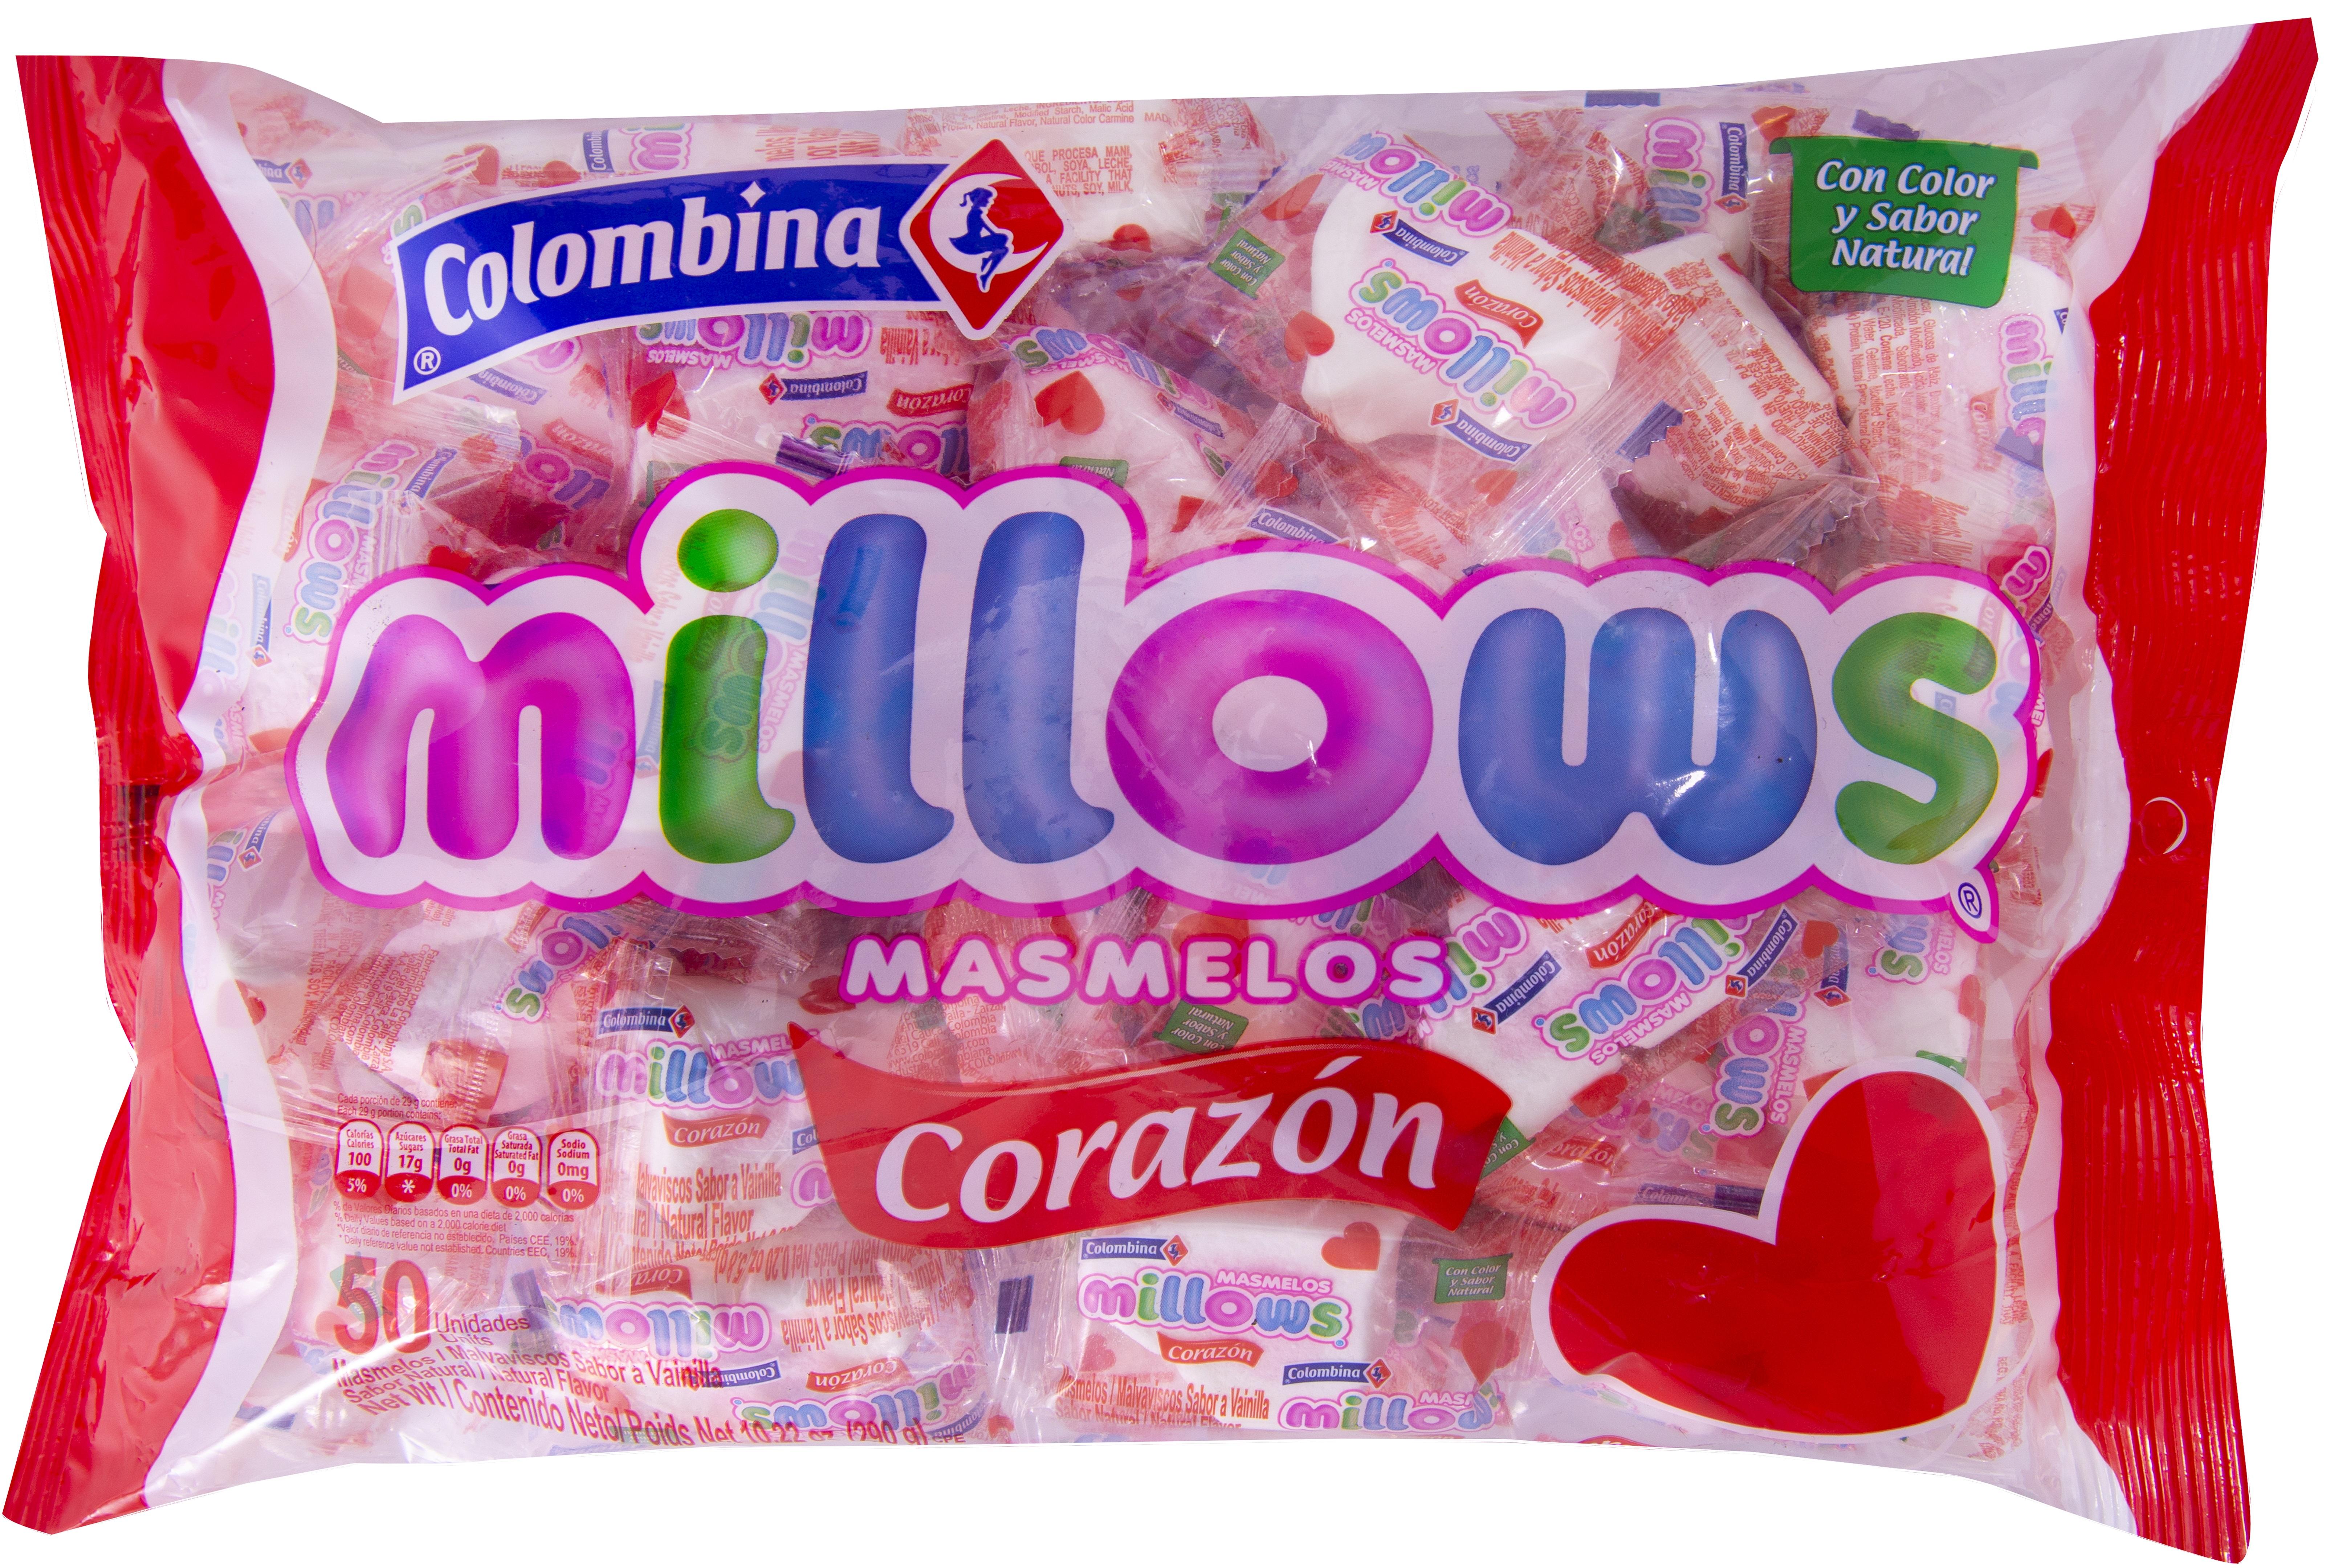 Masmelos Millows Corazon x50 290g